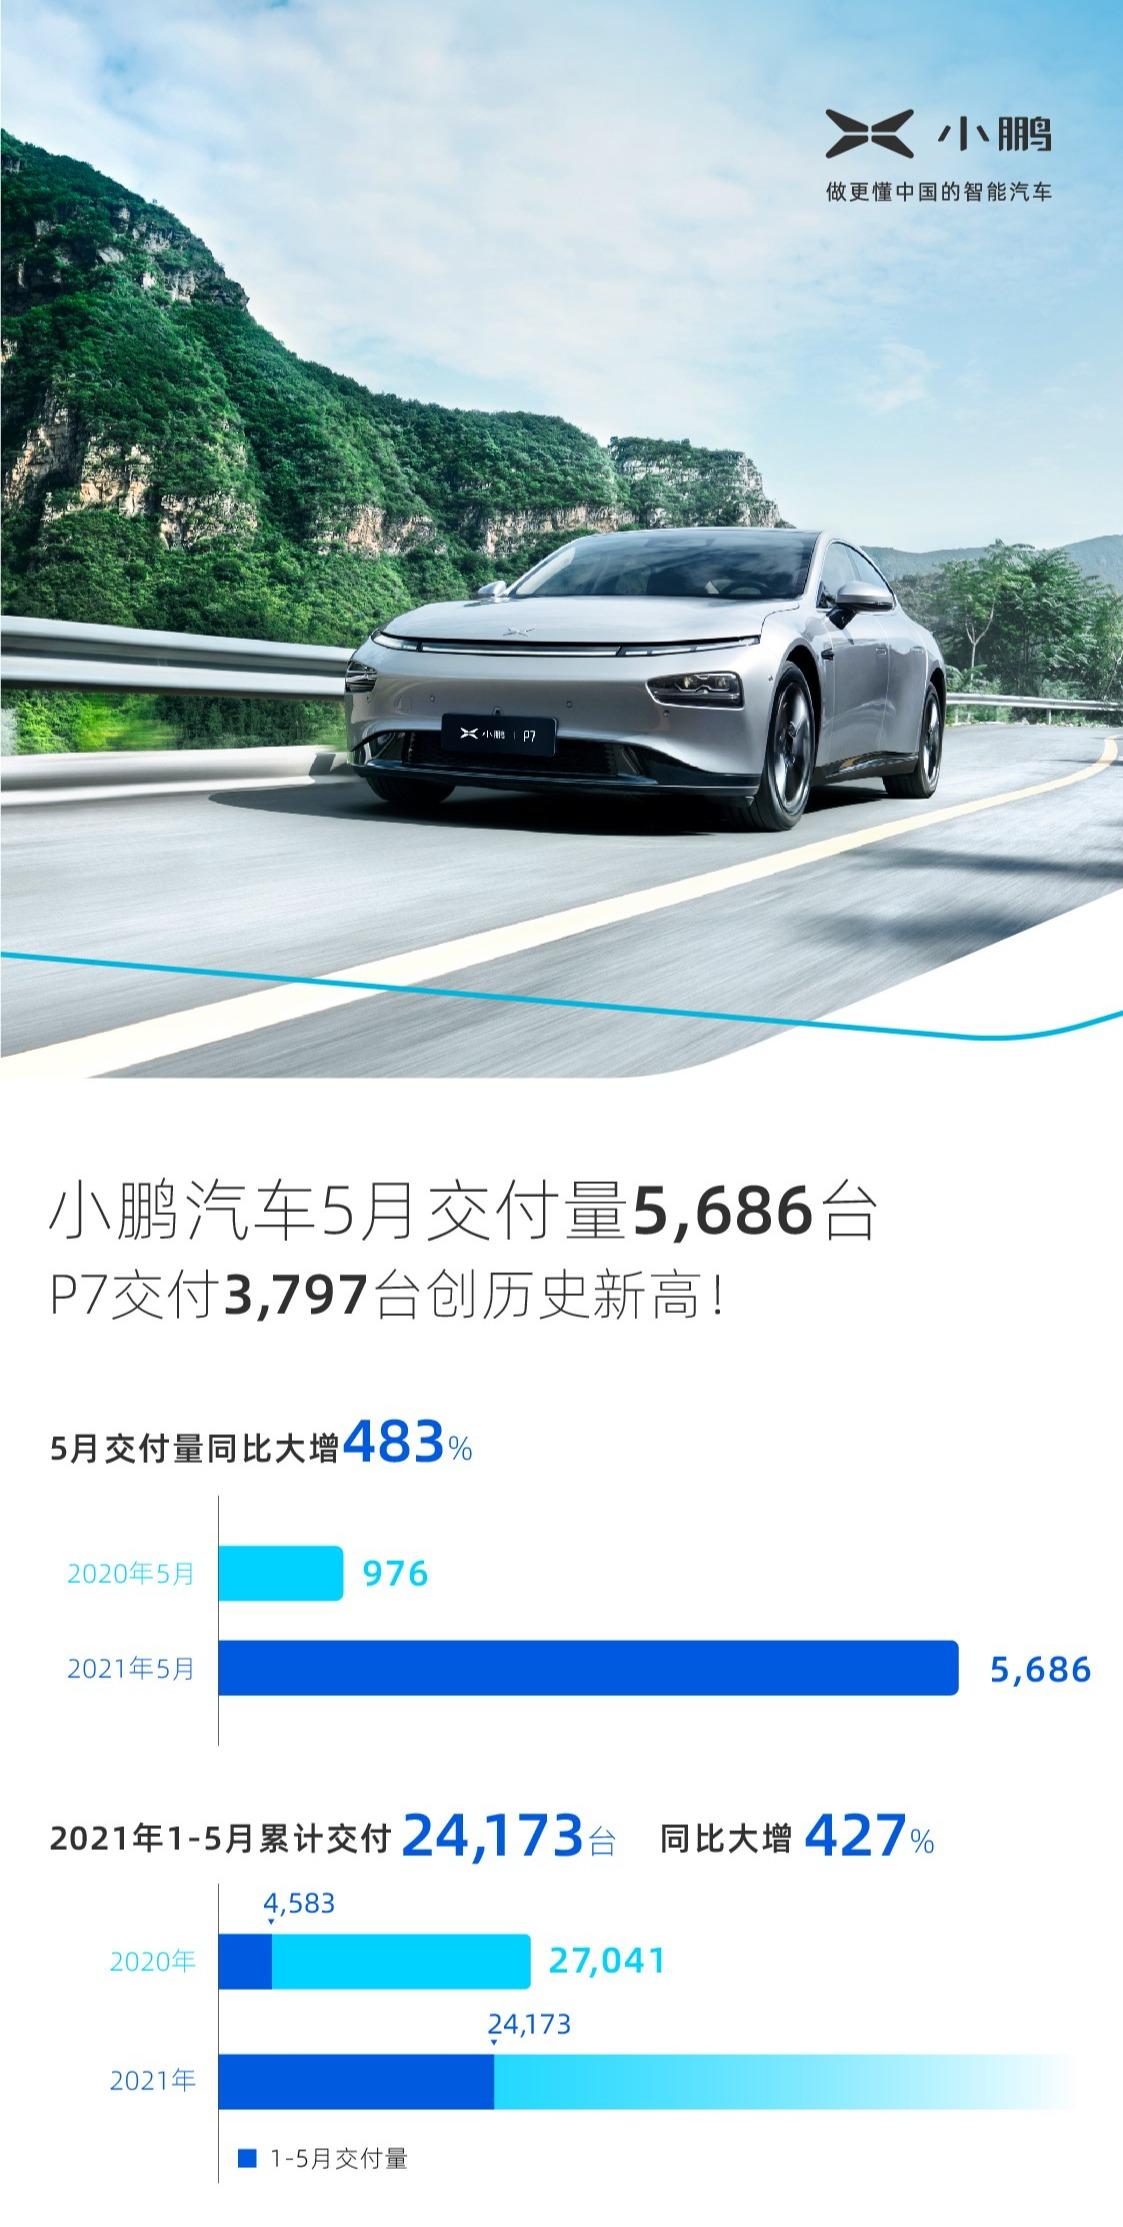 小鹏汽车2021年5月交付量成绩